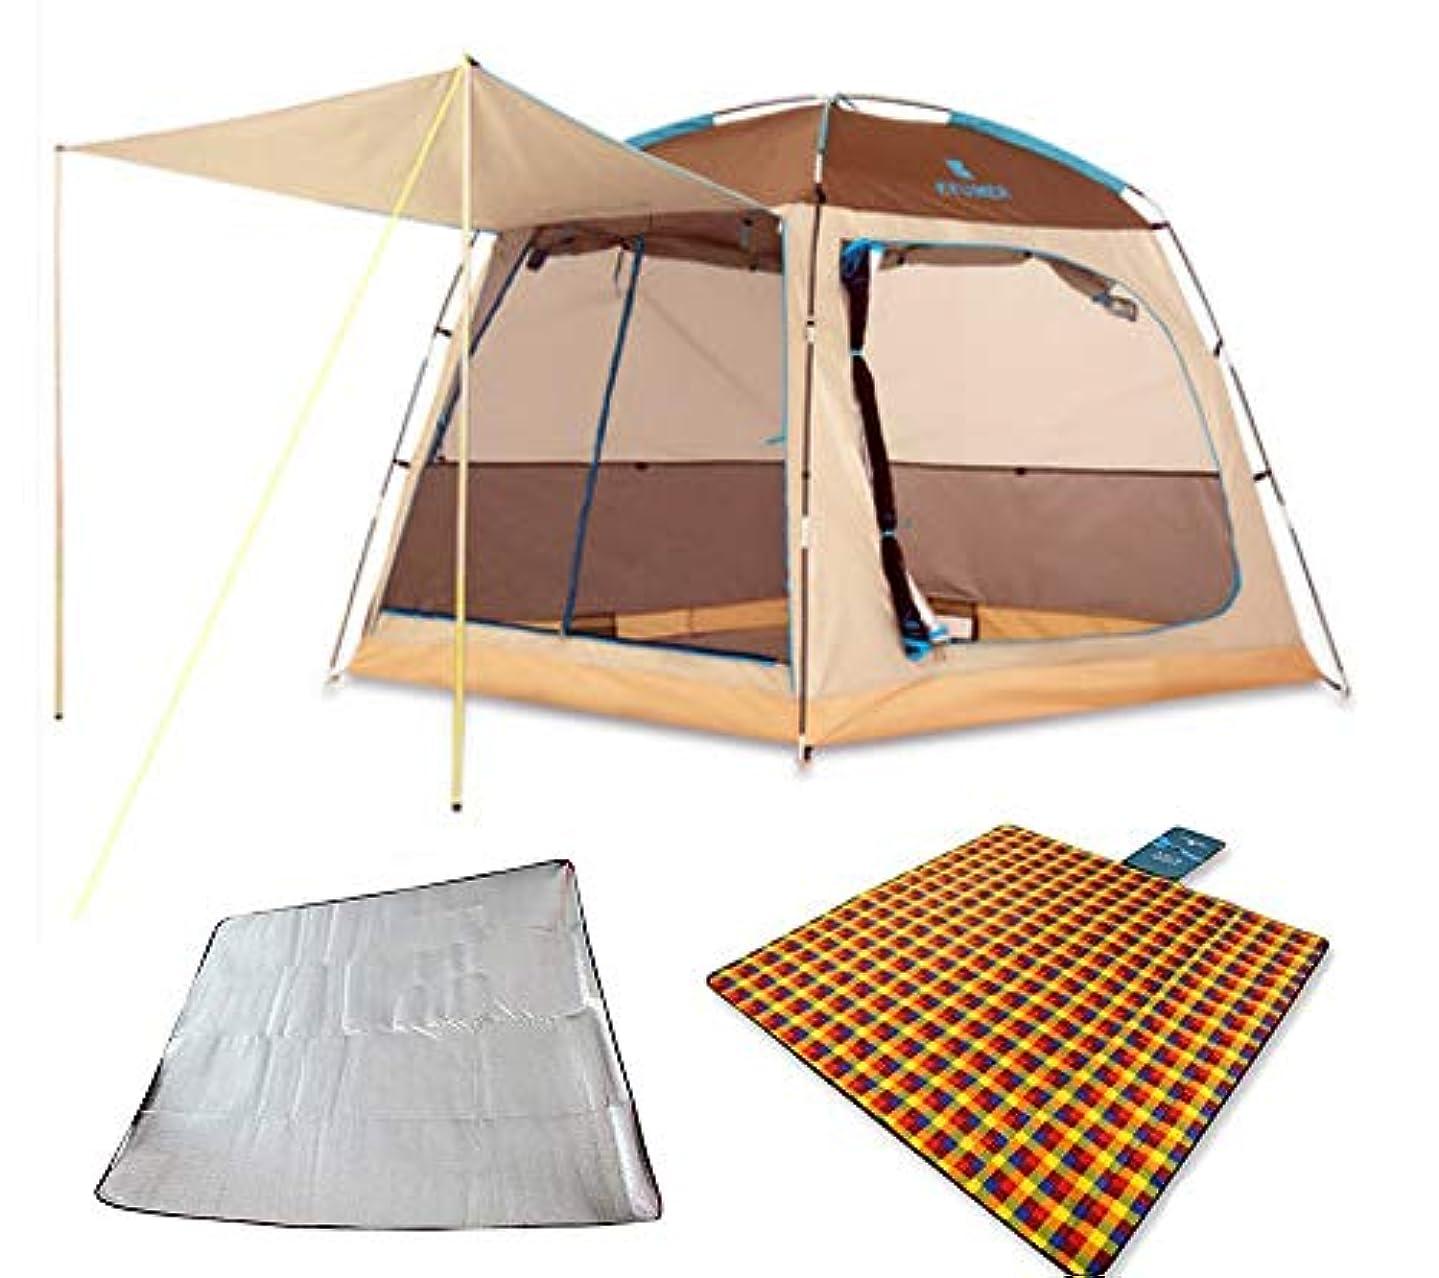 タックル記事反論KEUMER 前室付き キャンプテント 210*210*175cm 3-5人用 UVカット 高耐水 通気性抜群 アウトドア 公園 キャンピングテント